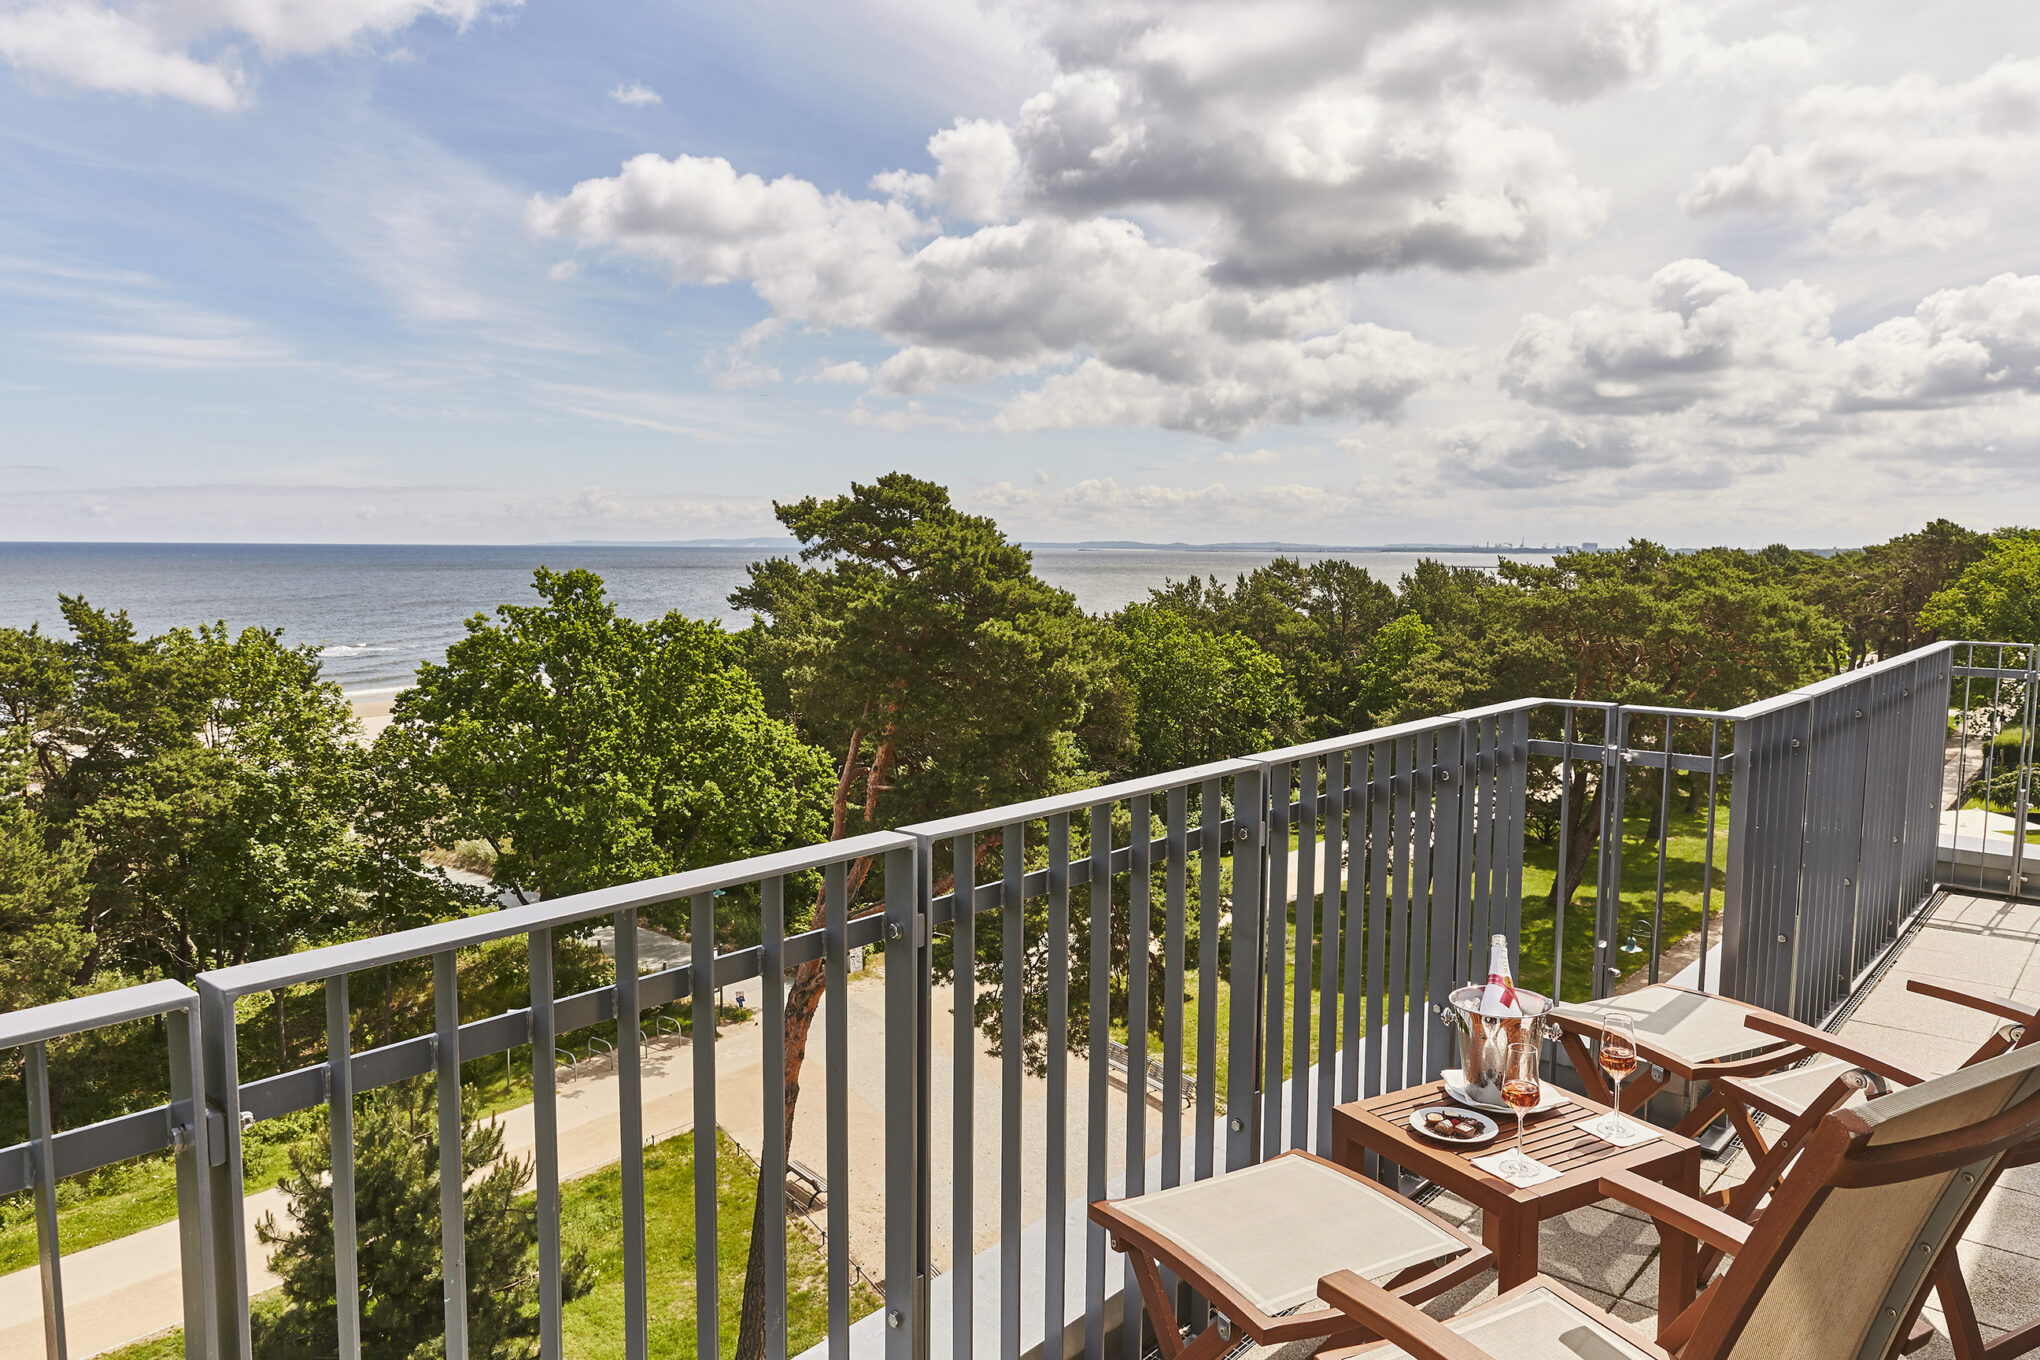 Steigenberger Grandhotel & Spa Penthouse im Palais Wilhelm mit Blick auf die Ostsee